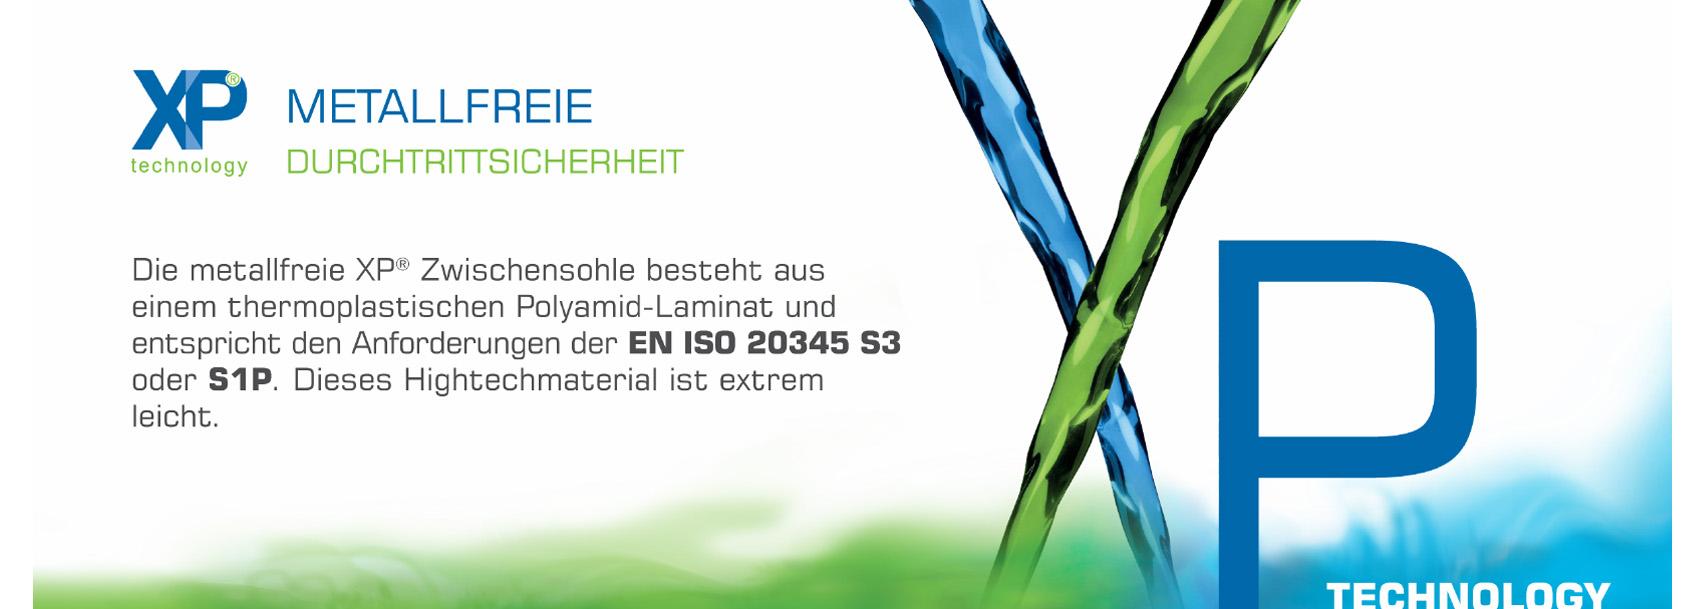 XP-Technology® - Metallfreie Durchtrittsicherheit: Die metallfreie XP® Zwischensohle besteht aus einem thermoplastischen Polyamid-Laminat und entspricht den Anforderungen der EN ISO 20345 S3 oder S1P. Dieses Hightechmaterial ist extrem leicht.